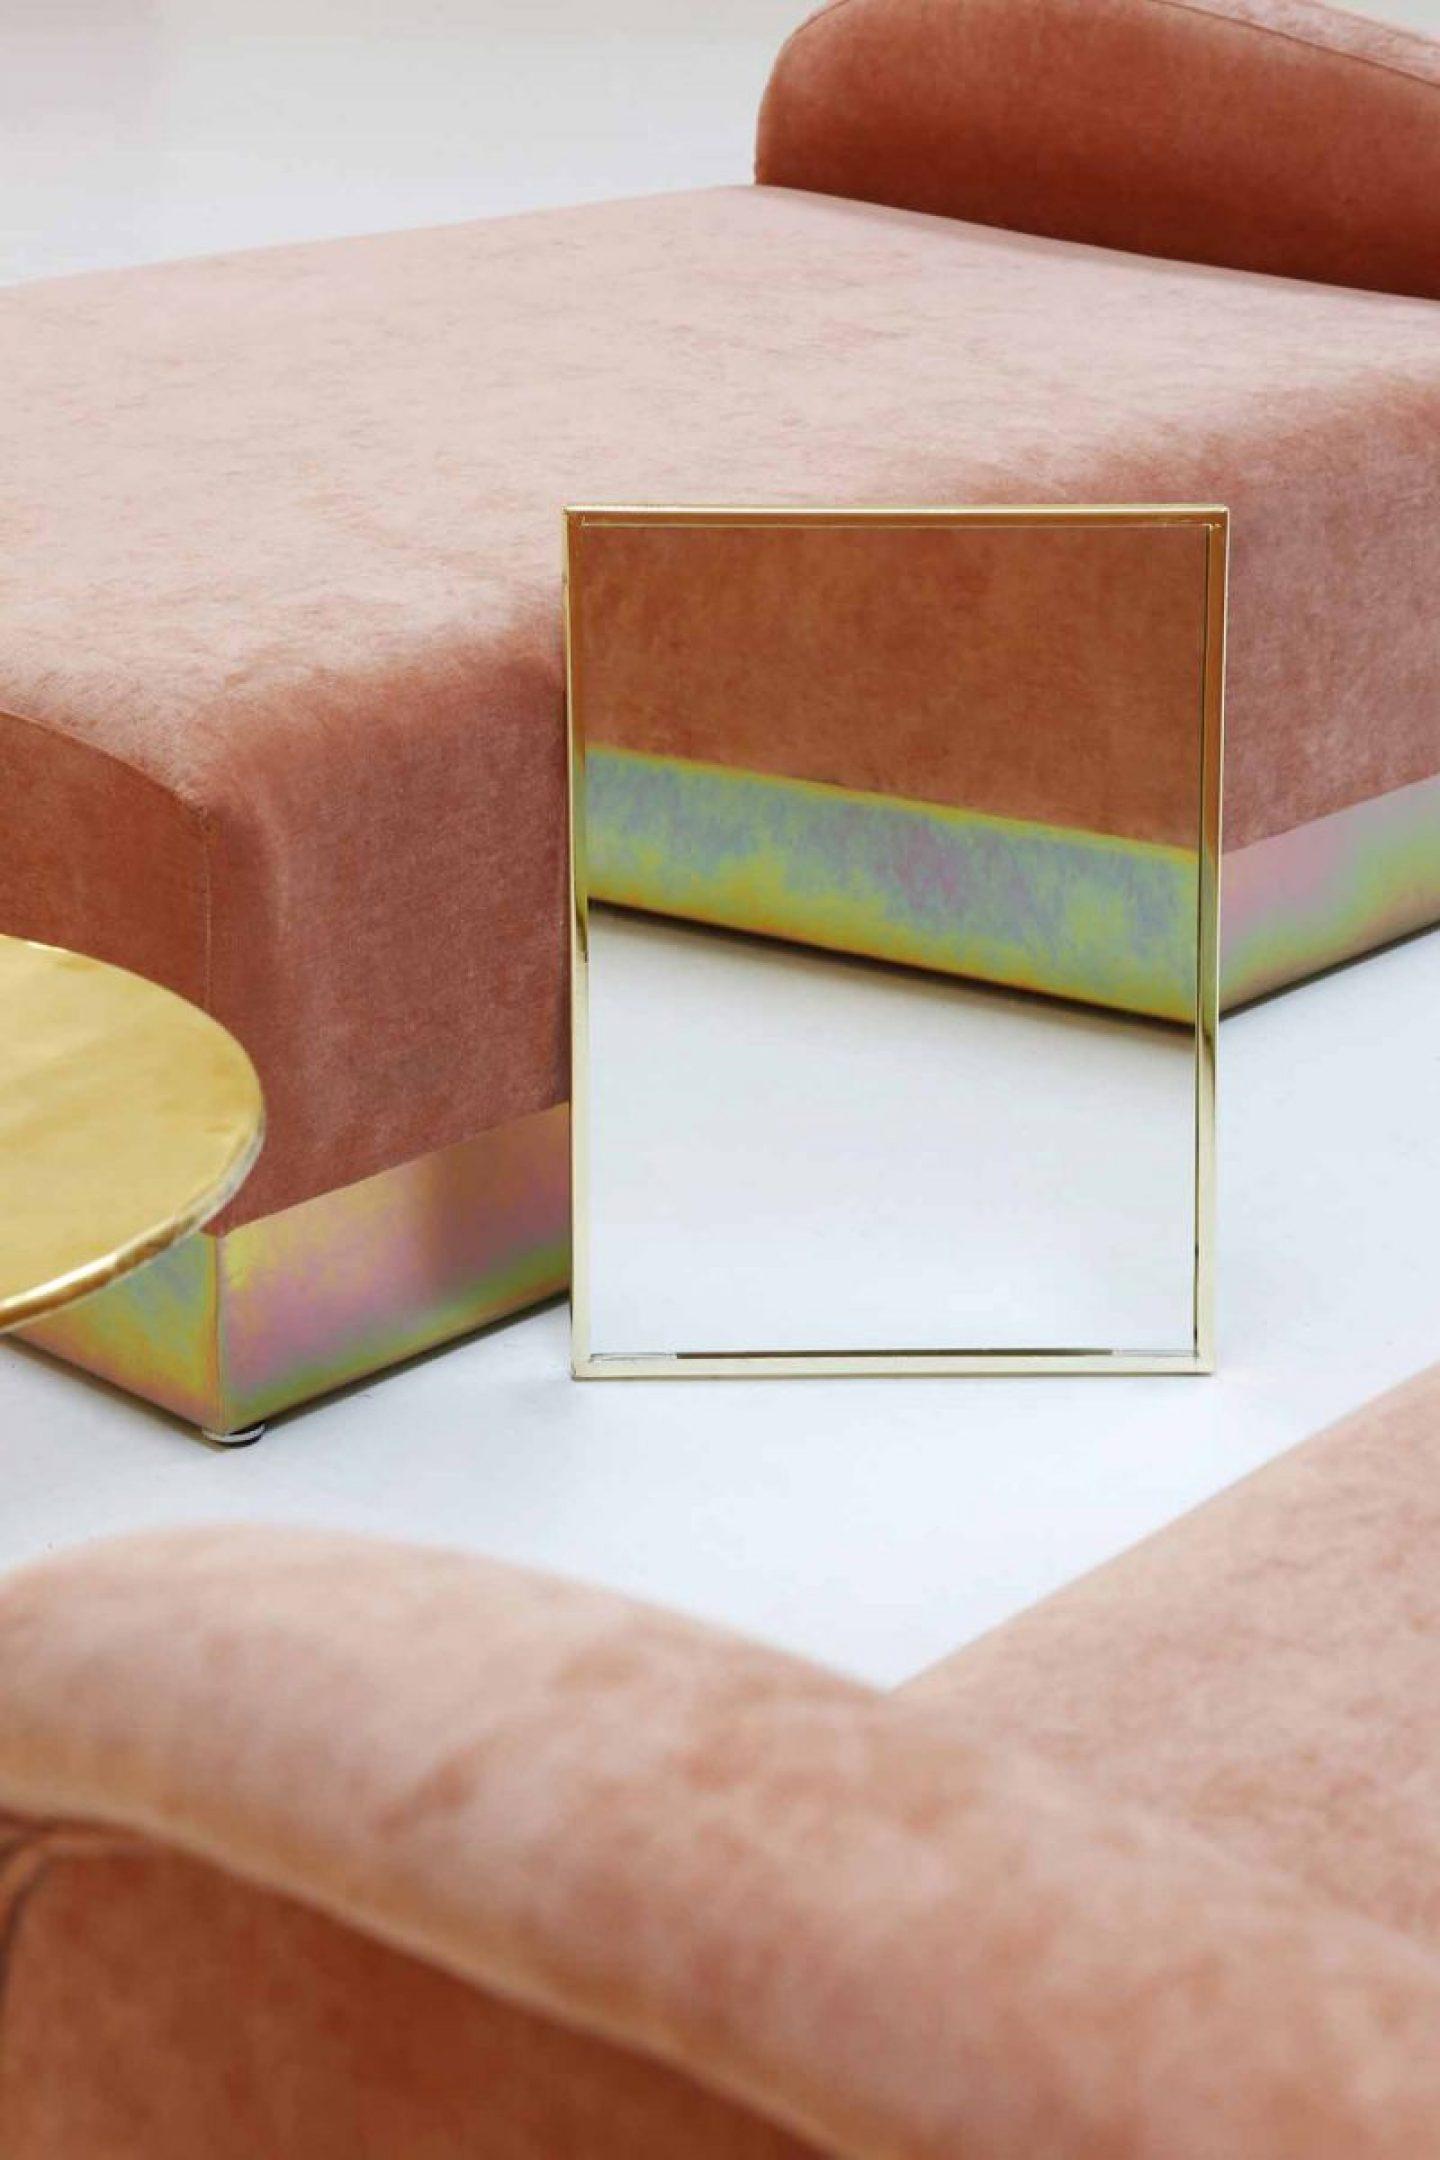 iGNANT_Architecture_Espacio_Nueva_Carolina_Cordero_Atelier_Sara_Uriarte_8